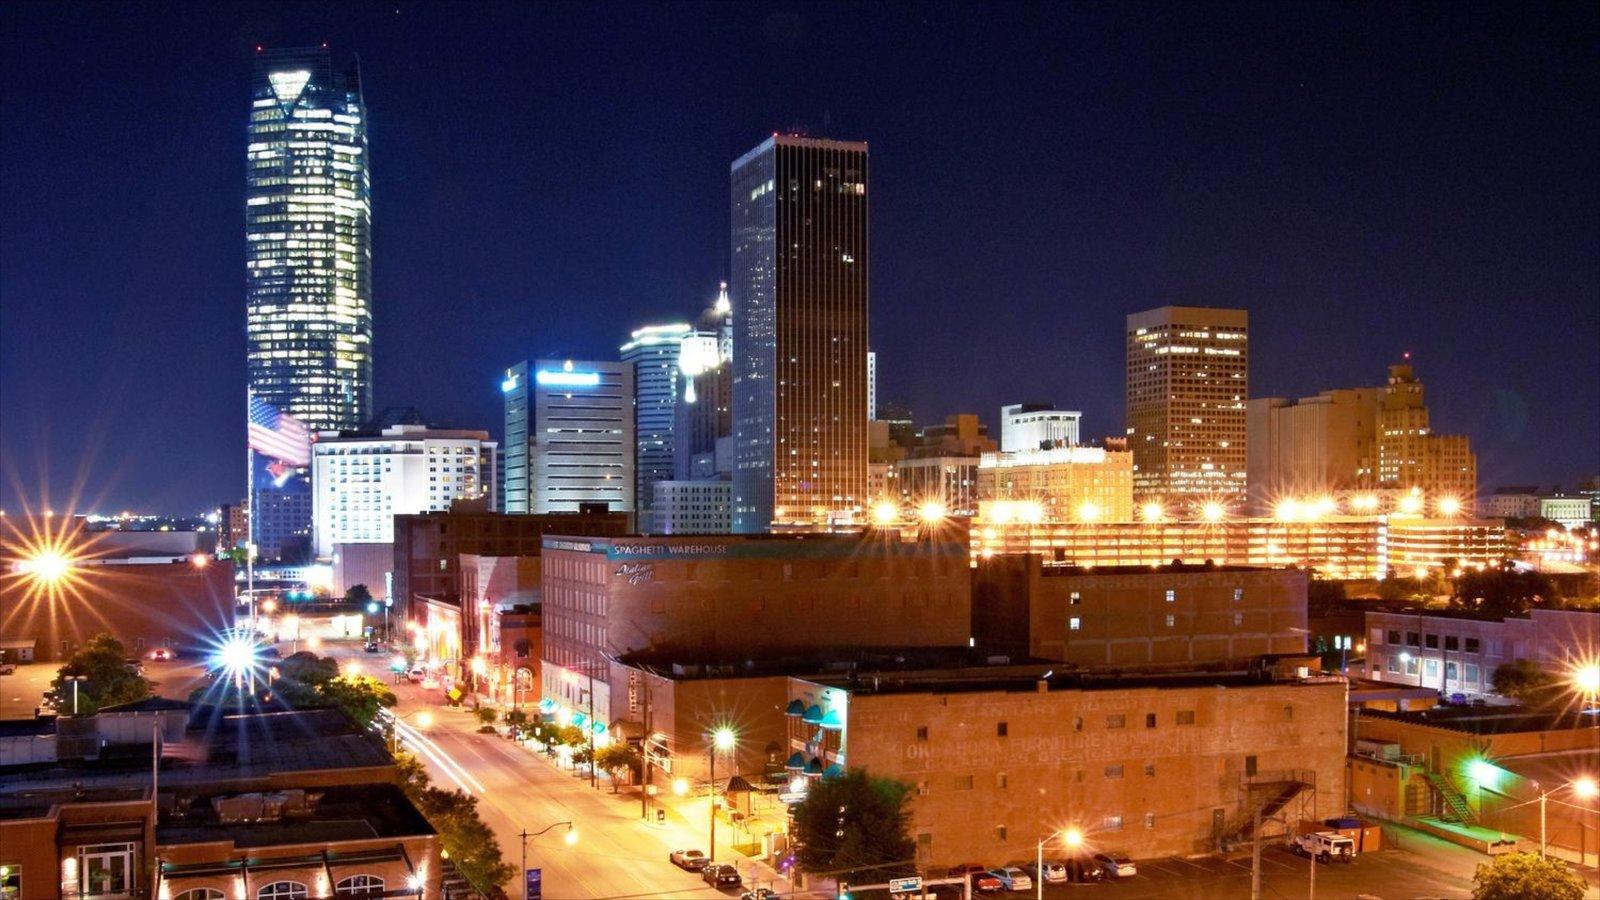 Oklahoma City que incluye distrito financiero central, escenas nocturnas y un rascacielos